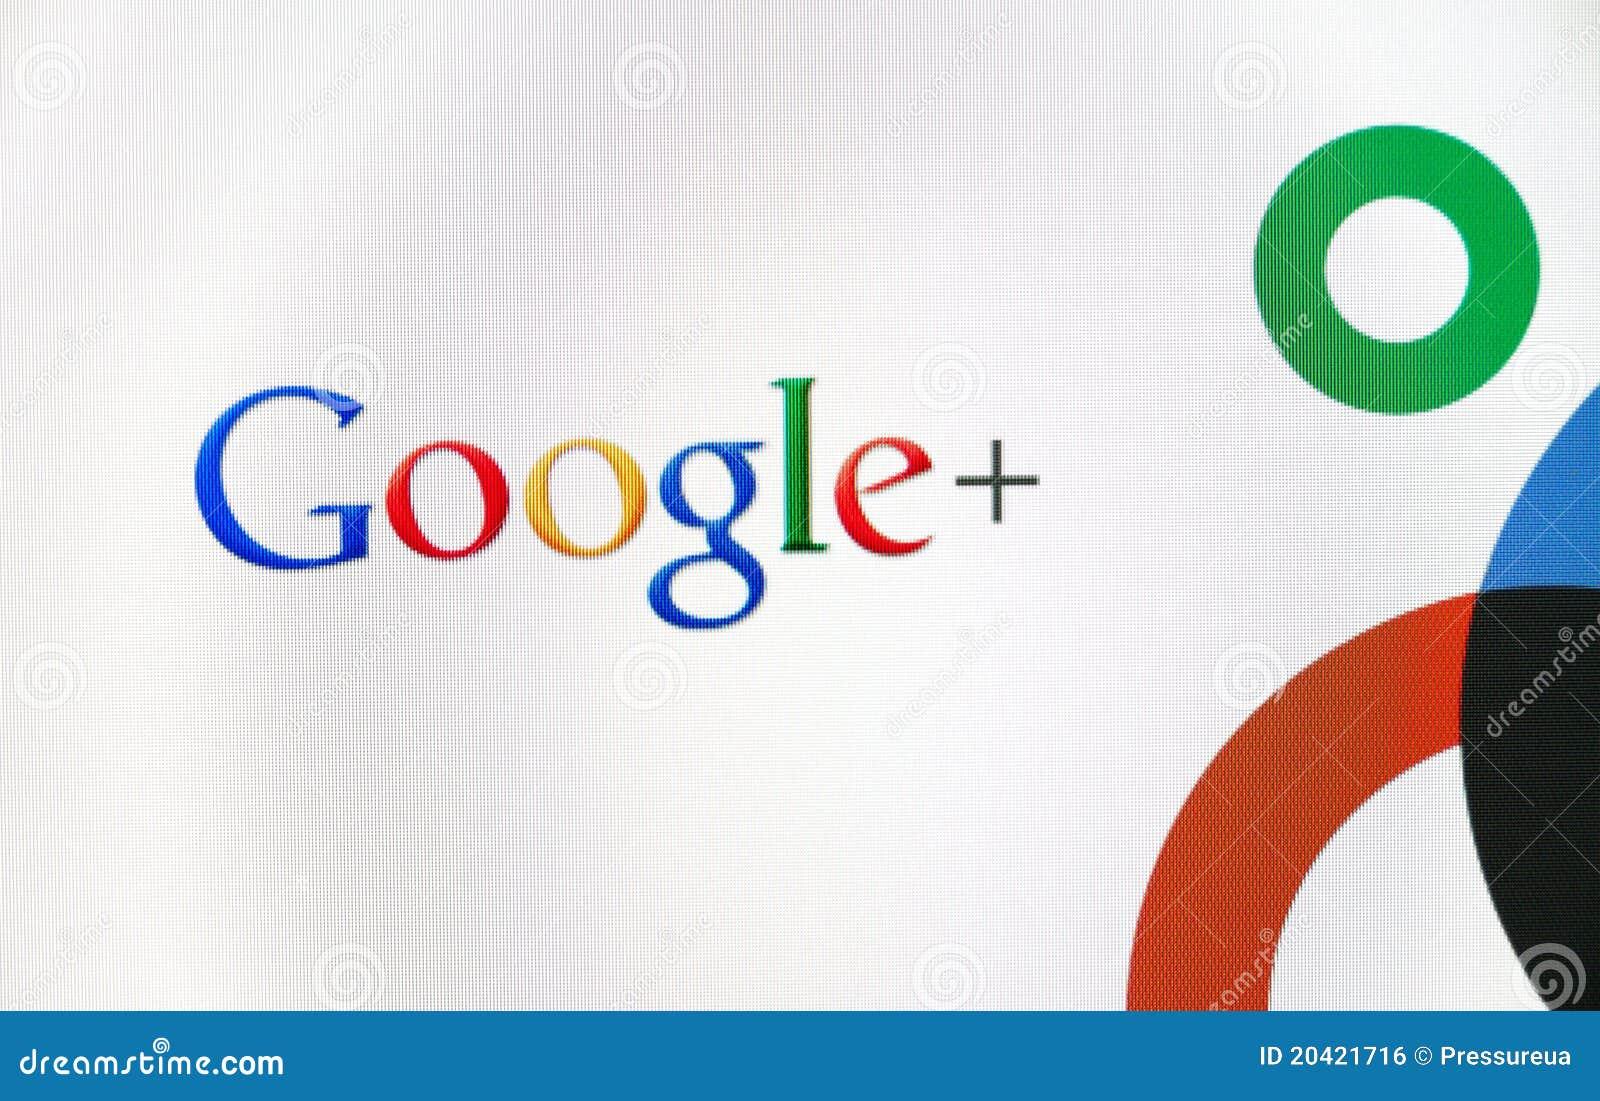 Insignia de Google+